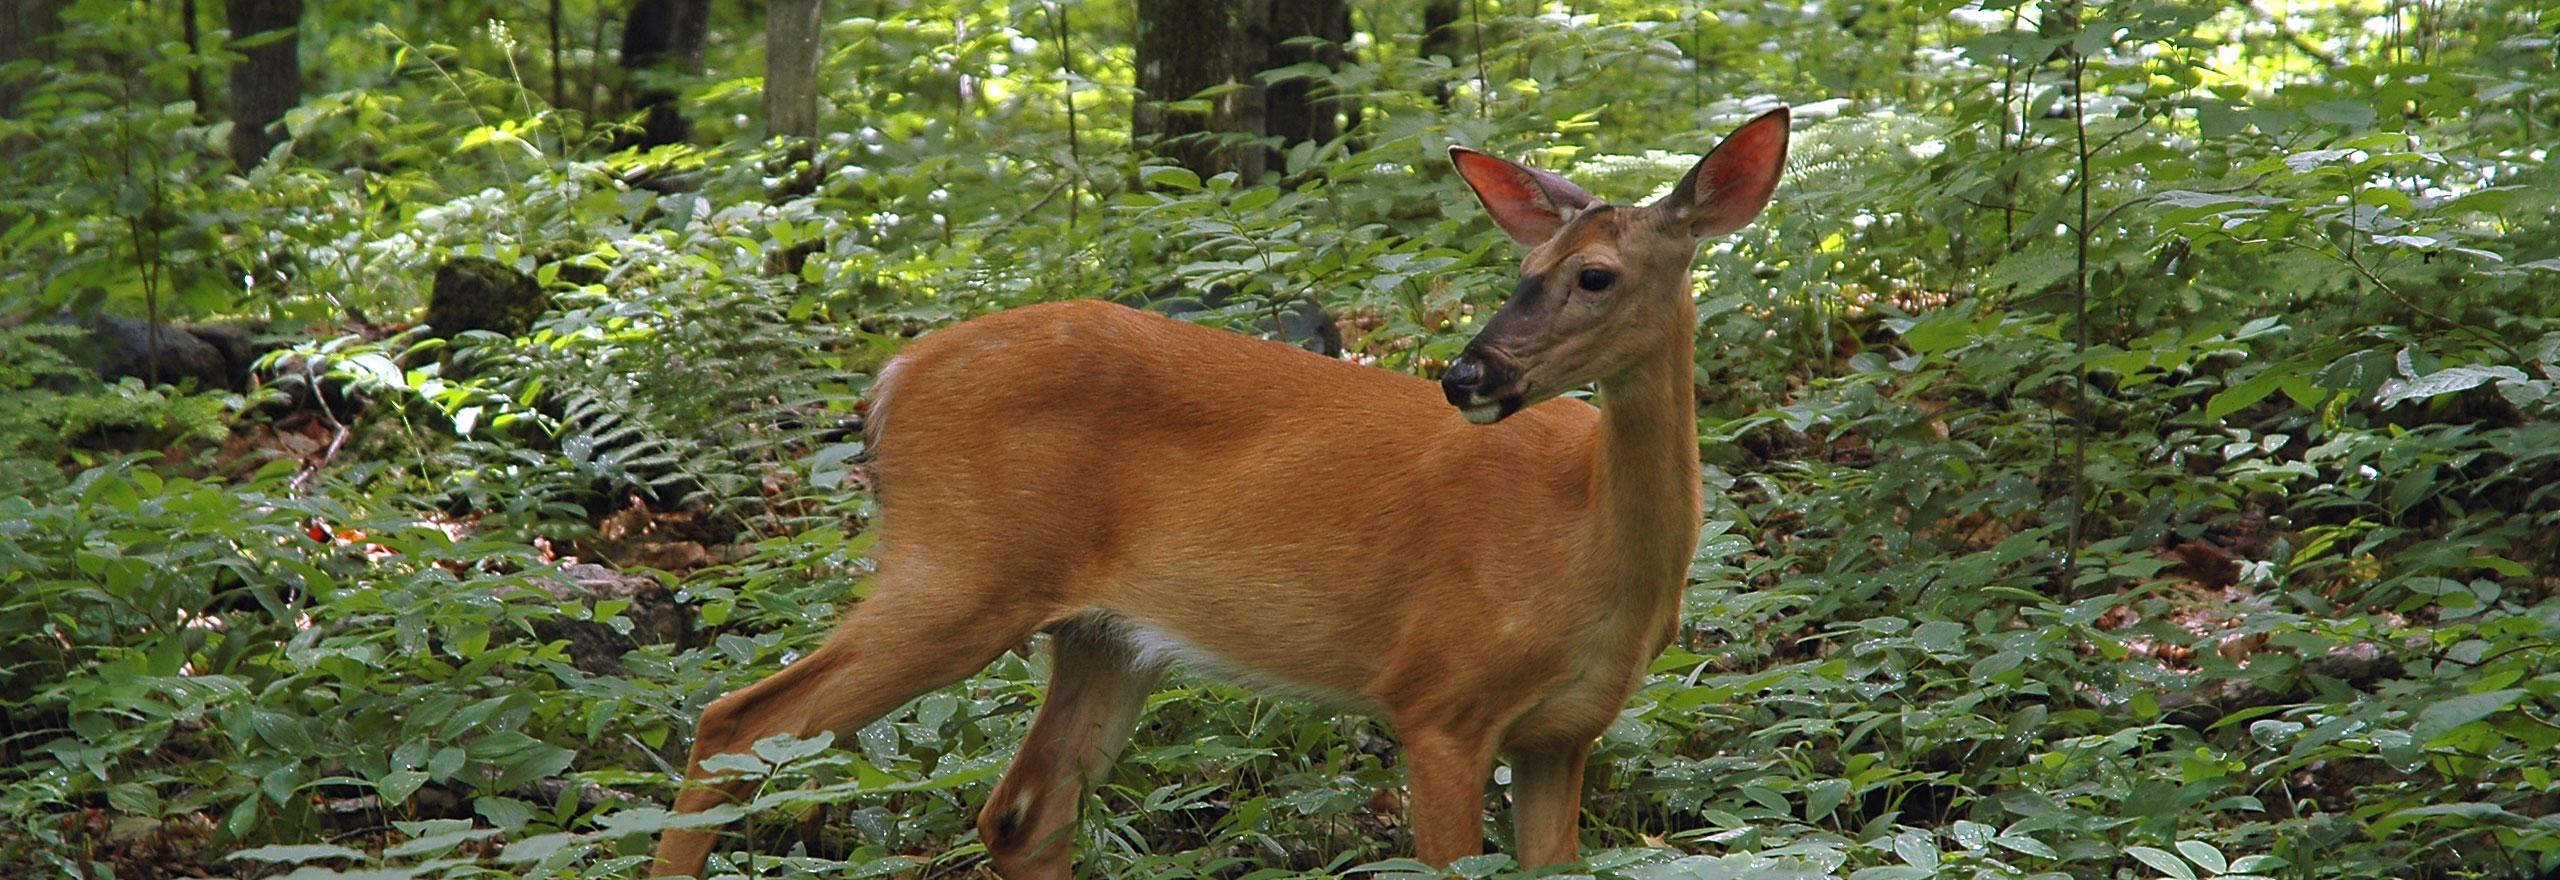 Forrest Deer